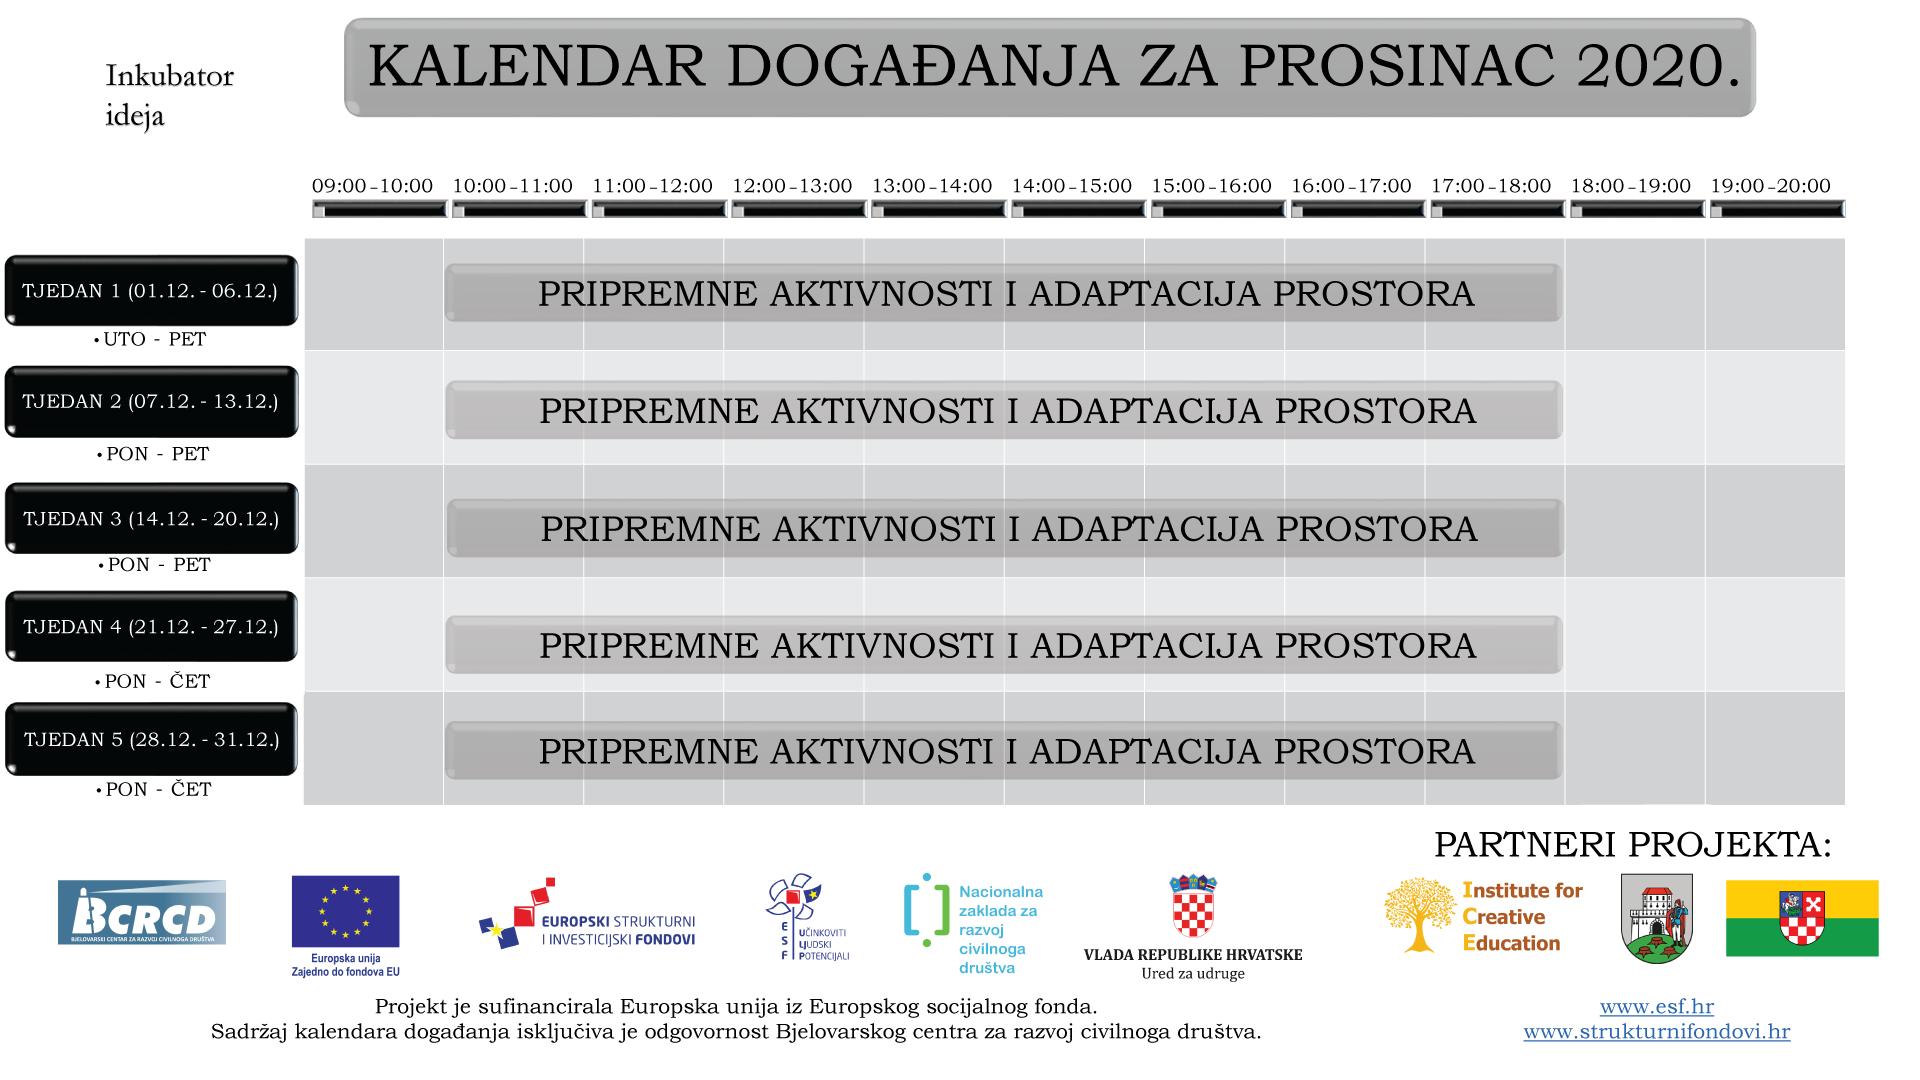 Kalendar događanja za prosinac 2020.